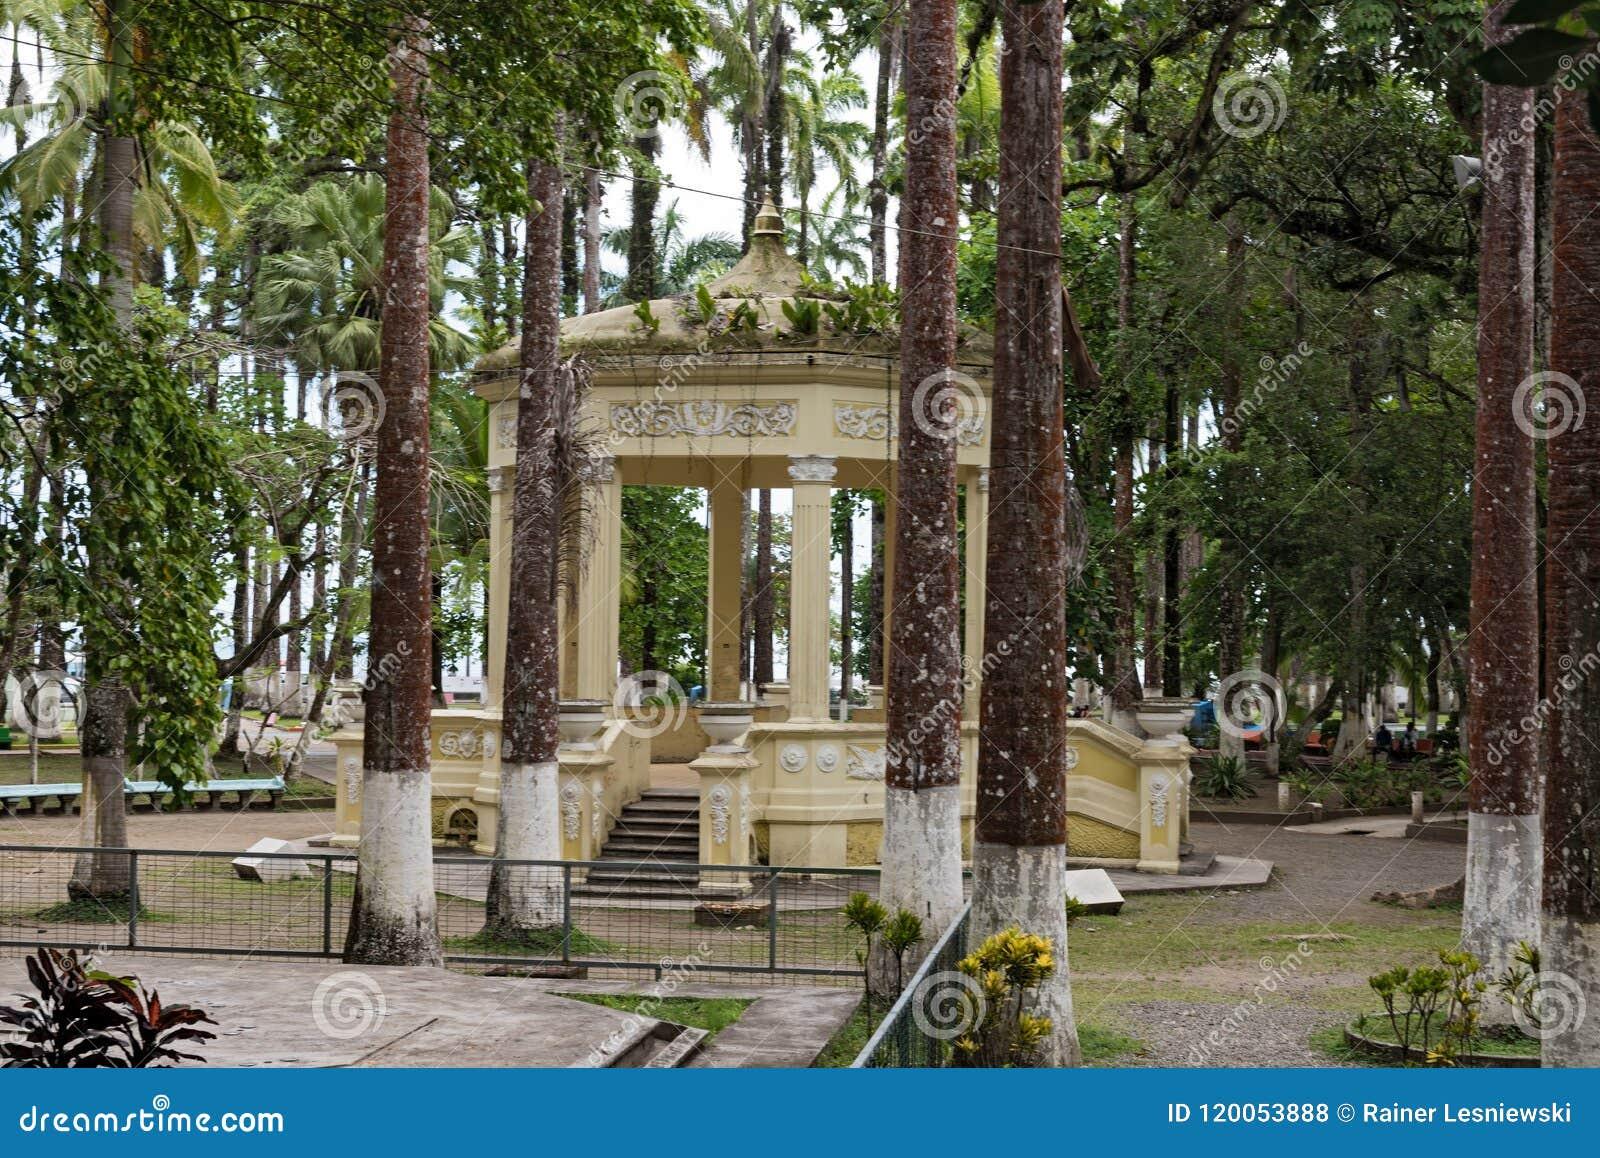 Den gula paviljongen i Parque Vargas, stad parkerar i Puerto Limon, Costa Rica